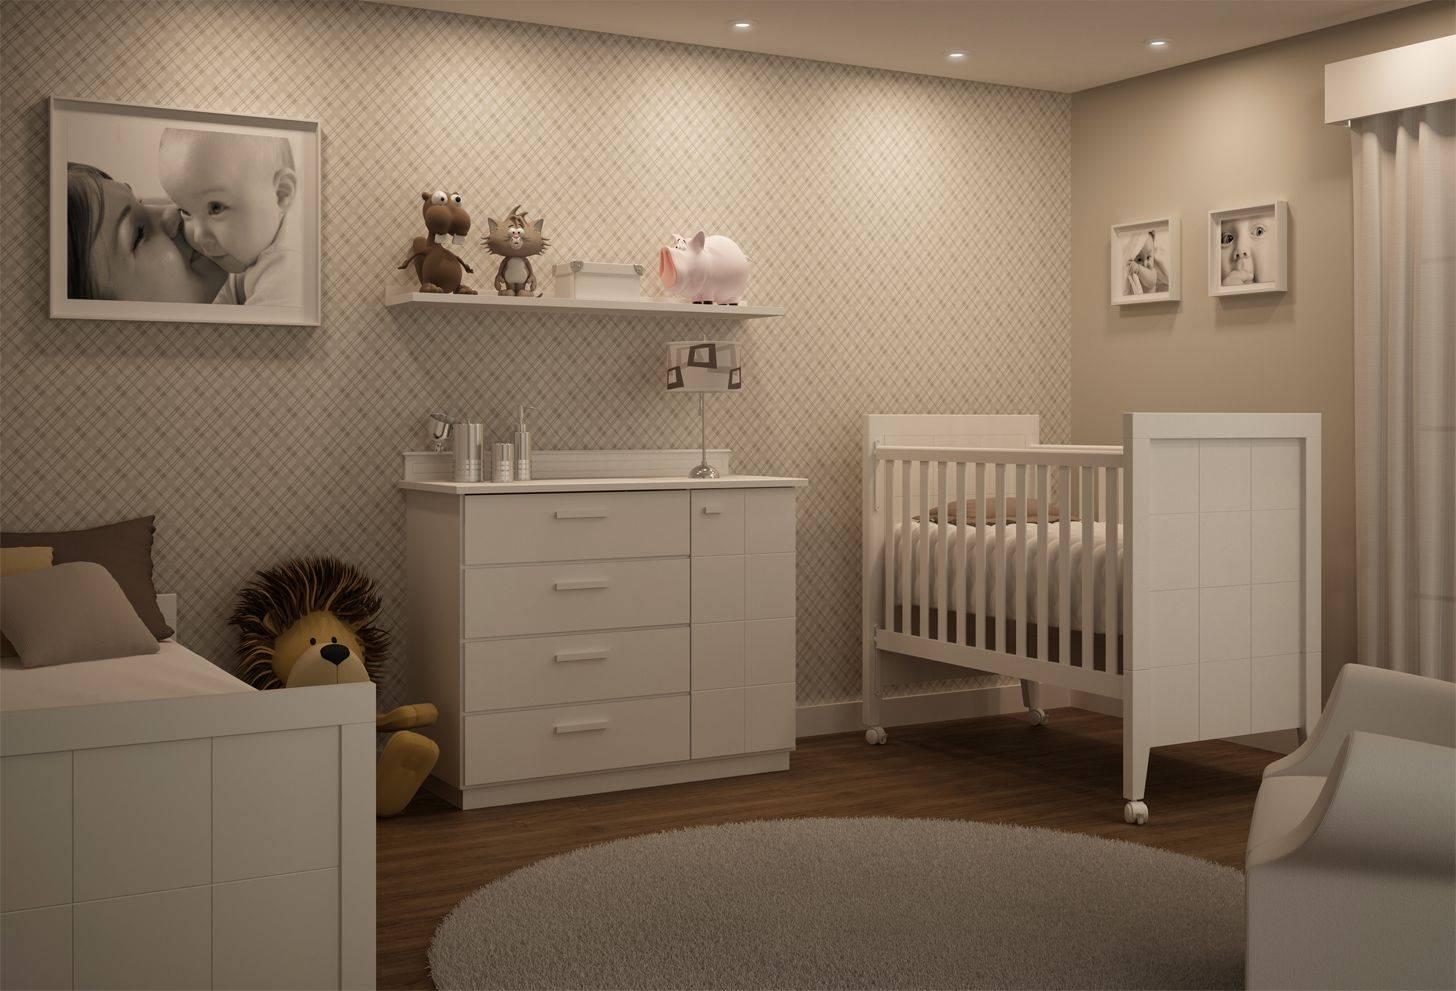 Интерьер детской комнаты для новорожденного + 100 фото